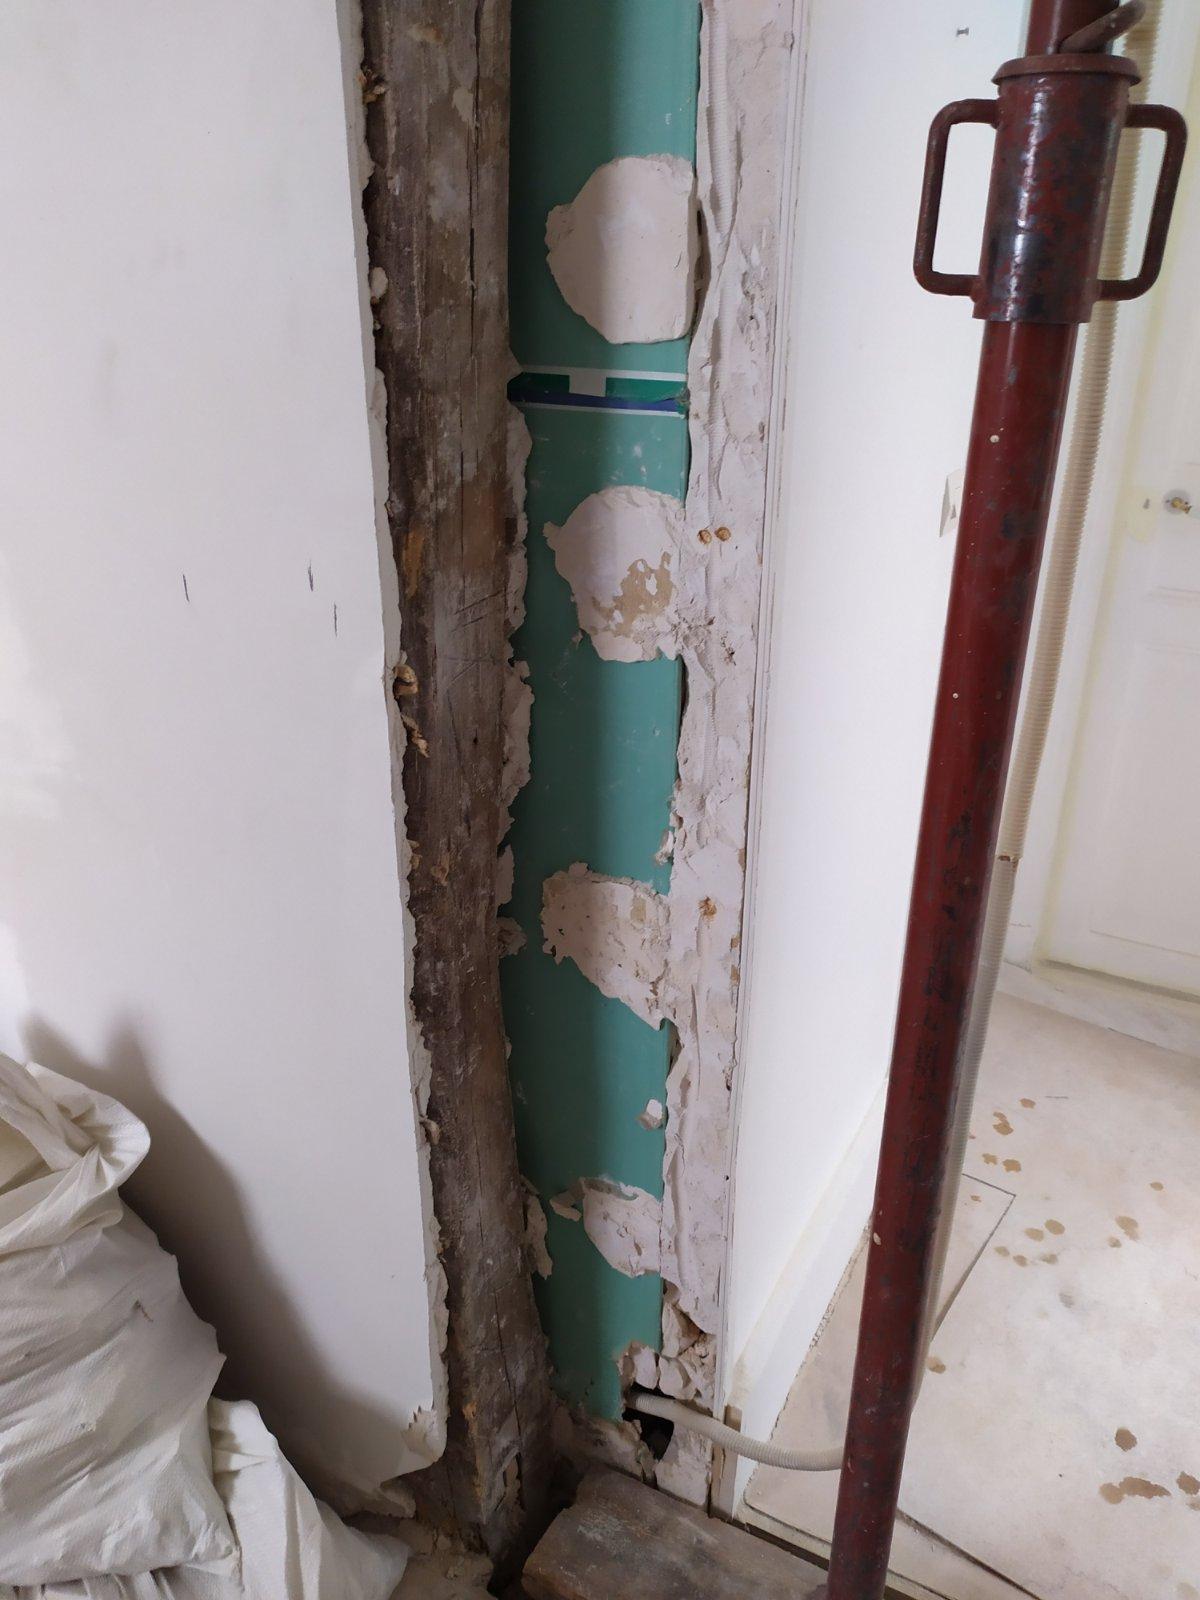 Murs porteurs Renforcement des poutres - Ouverture d'une baie dans un mur porteur en colombage réalisé à Levallois-Perret. Renforcement par structure métallique 11